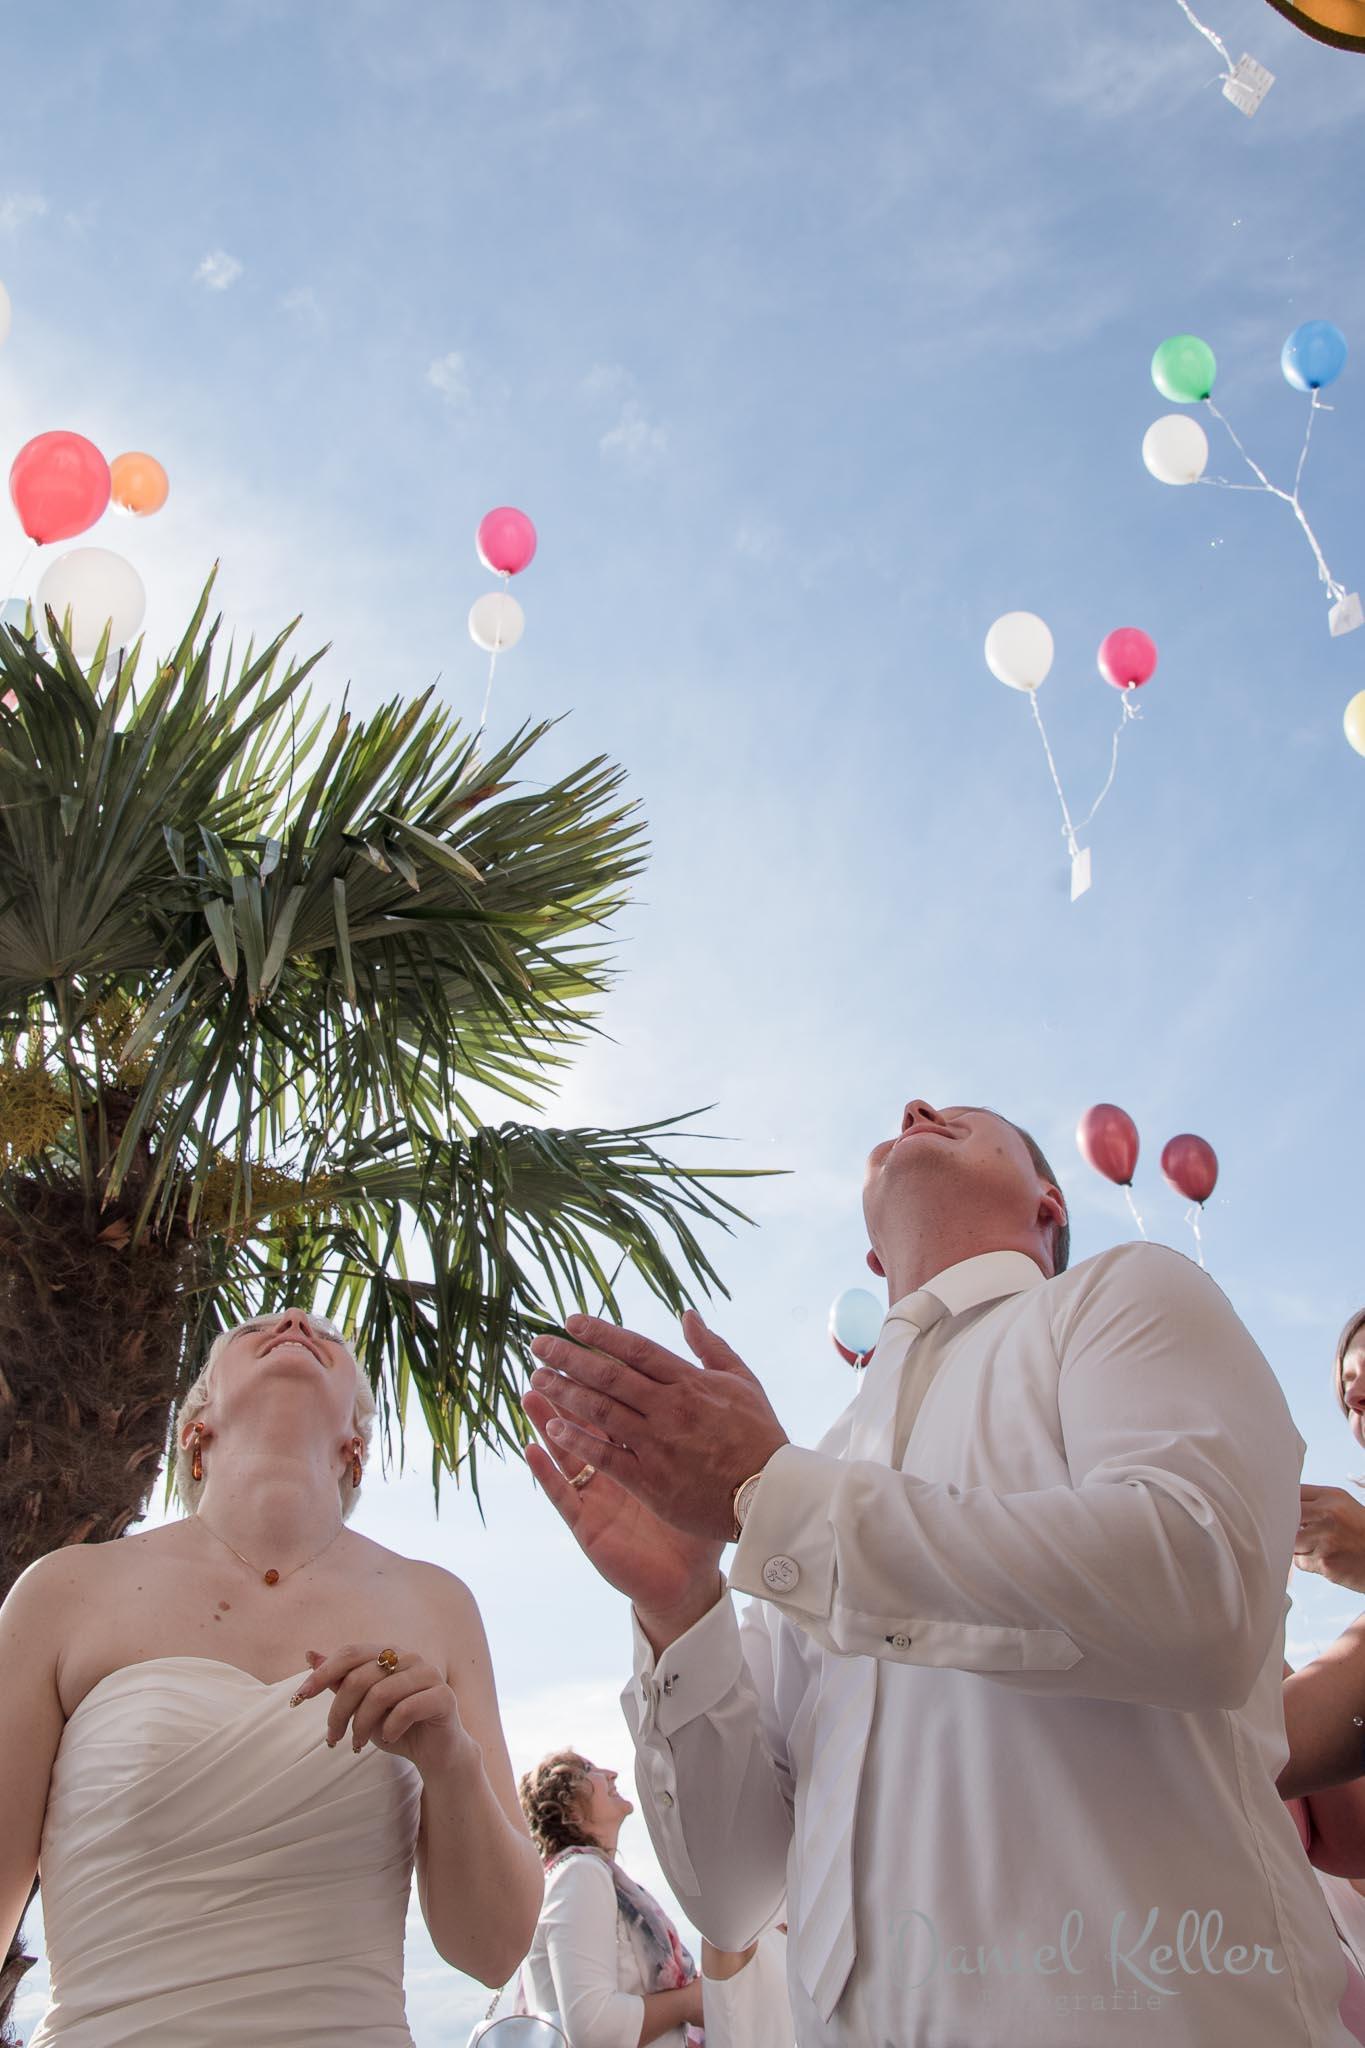 Hochzeit Luftballon Jägersteig Bühl / Daniel Keller Fotografie